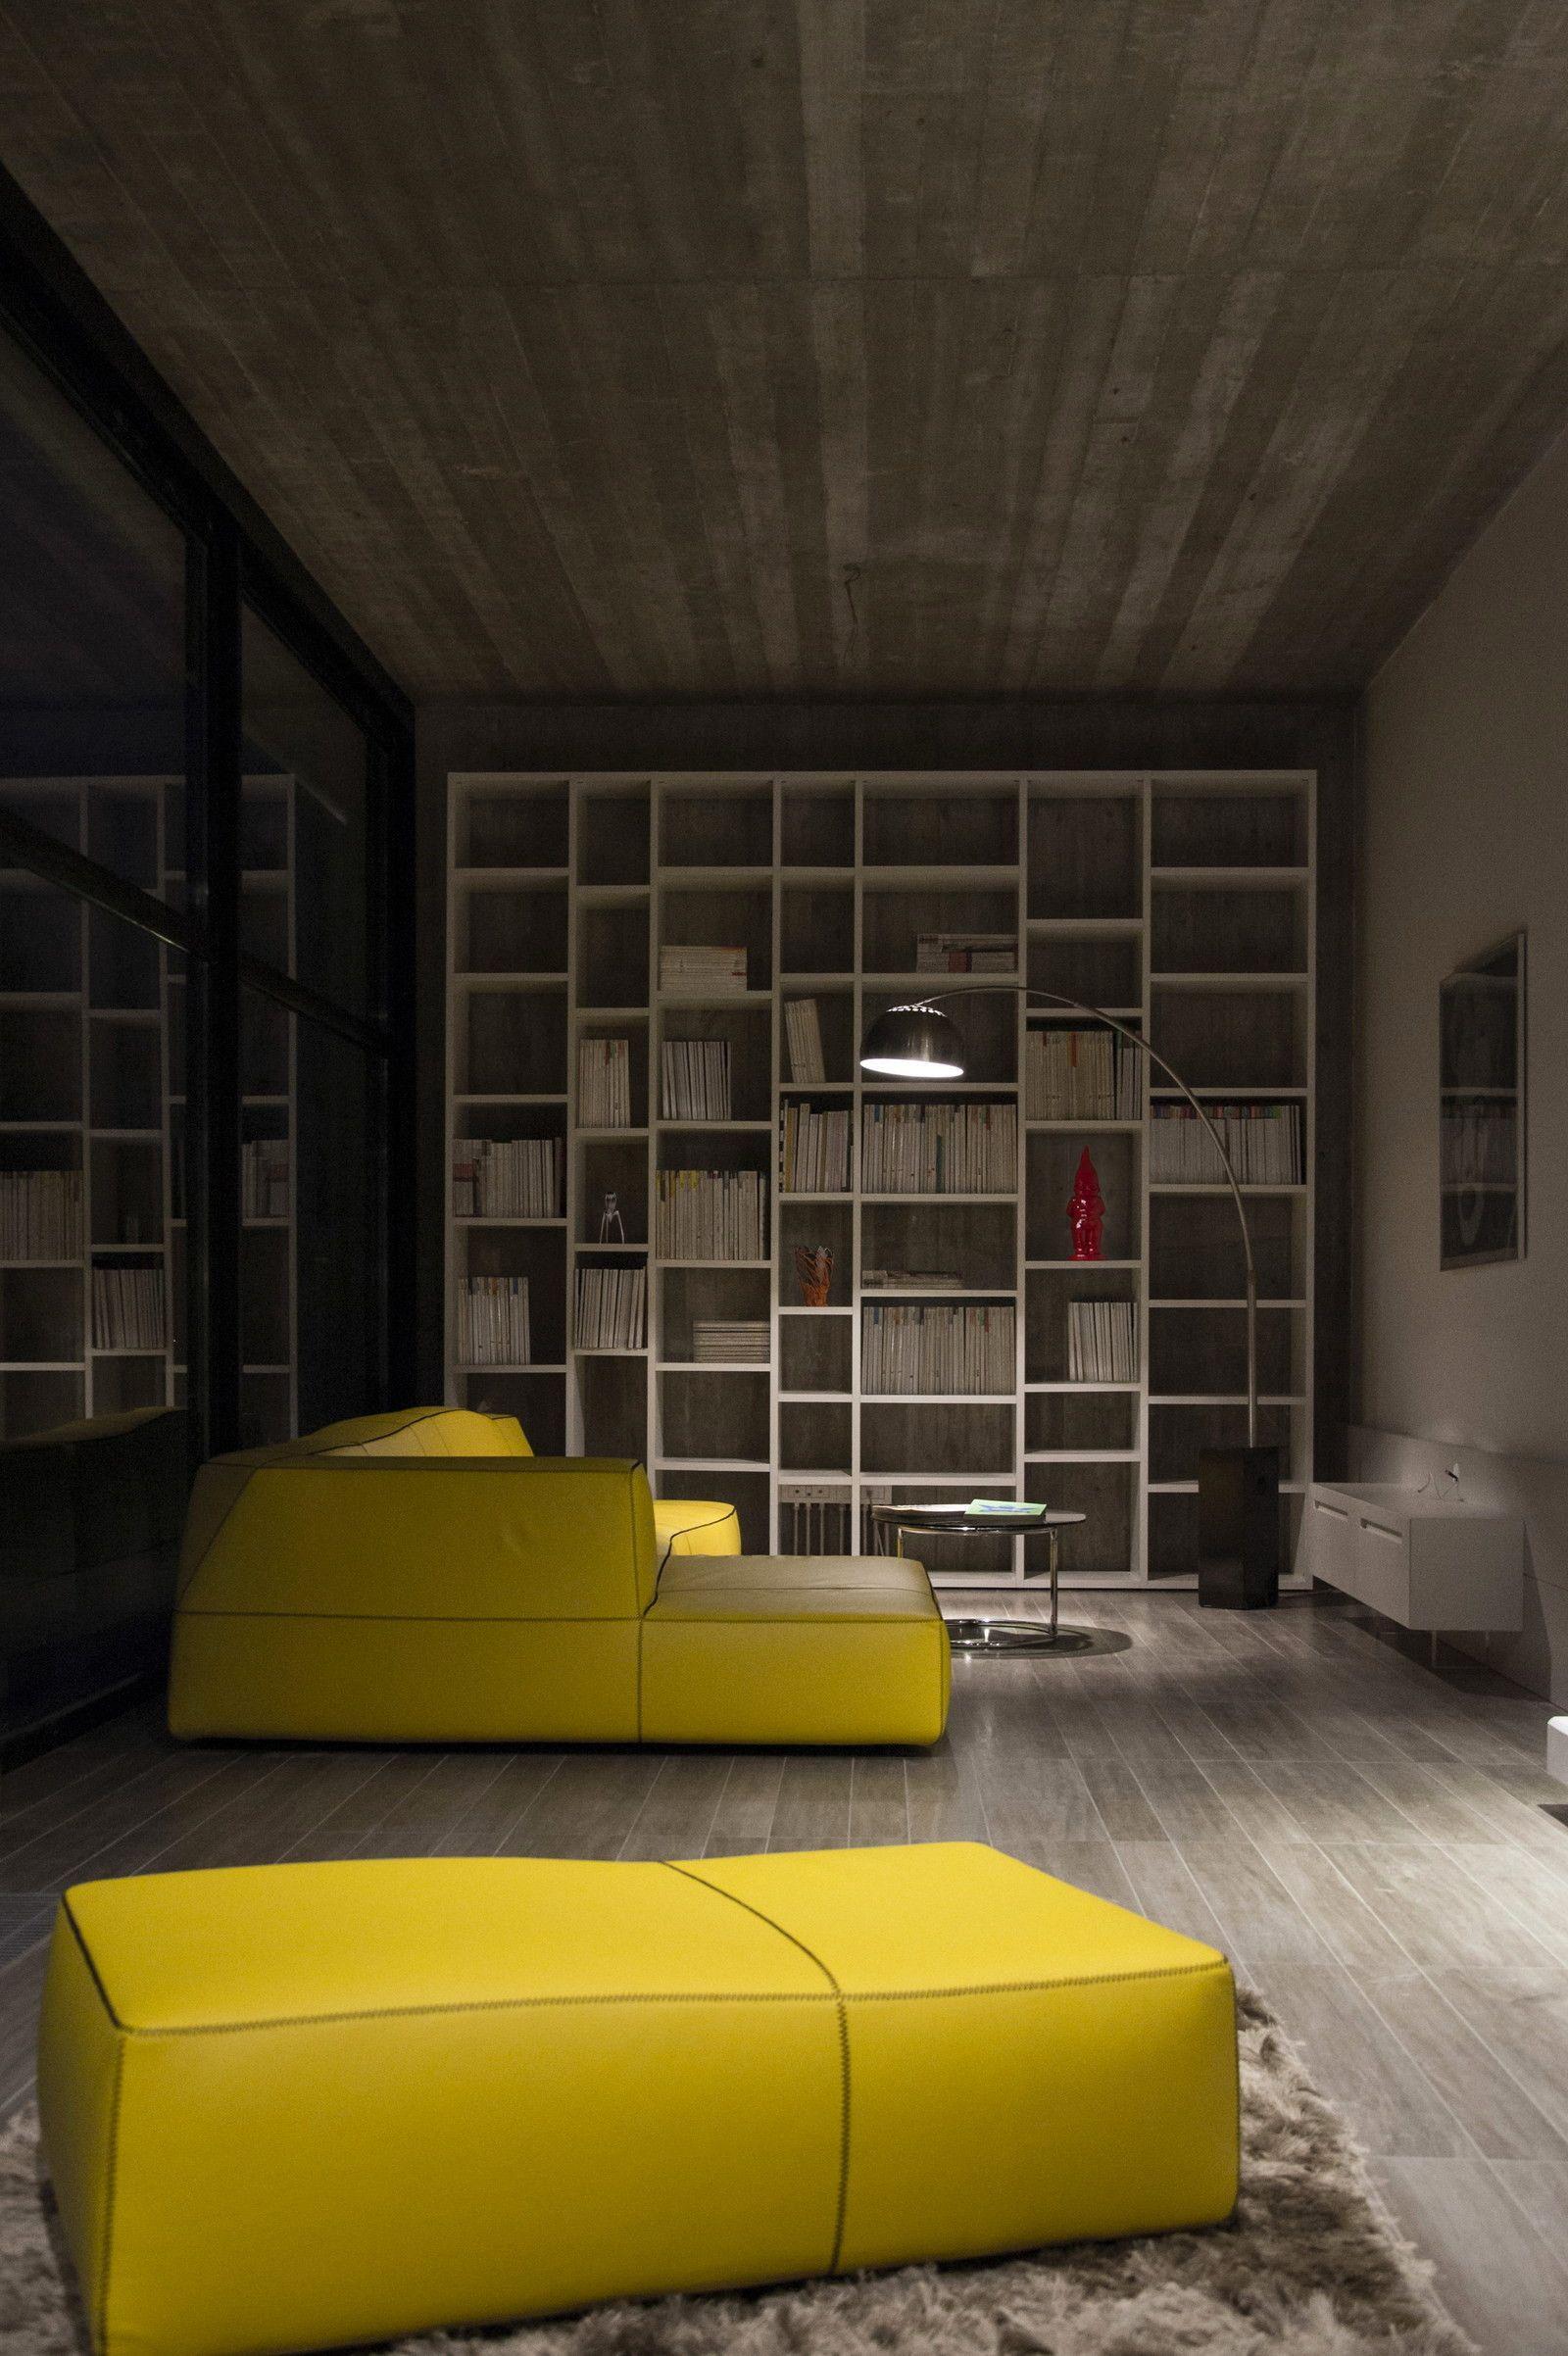 StudioGiraldi Associati Architetti designedmodern house for a writer in Bologna